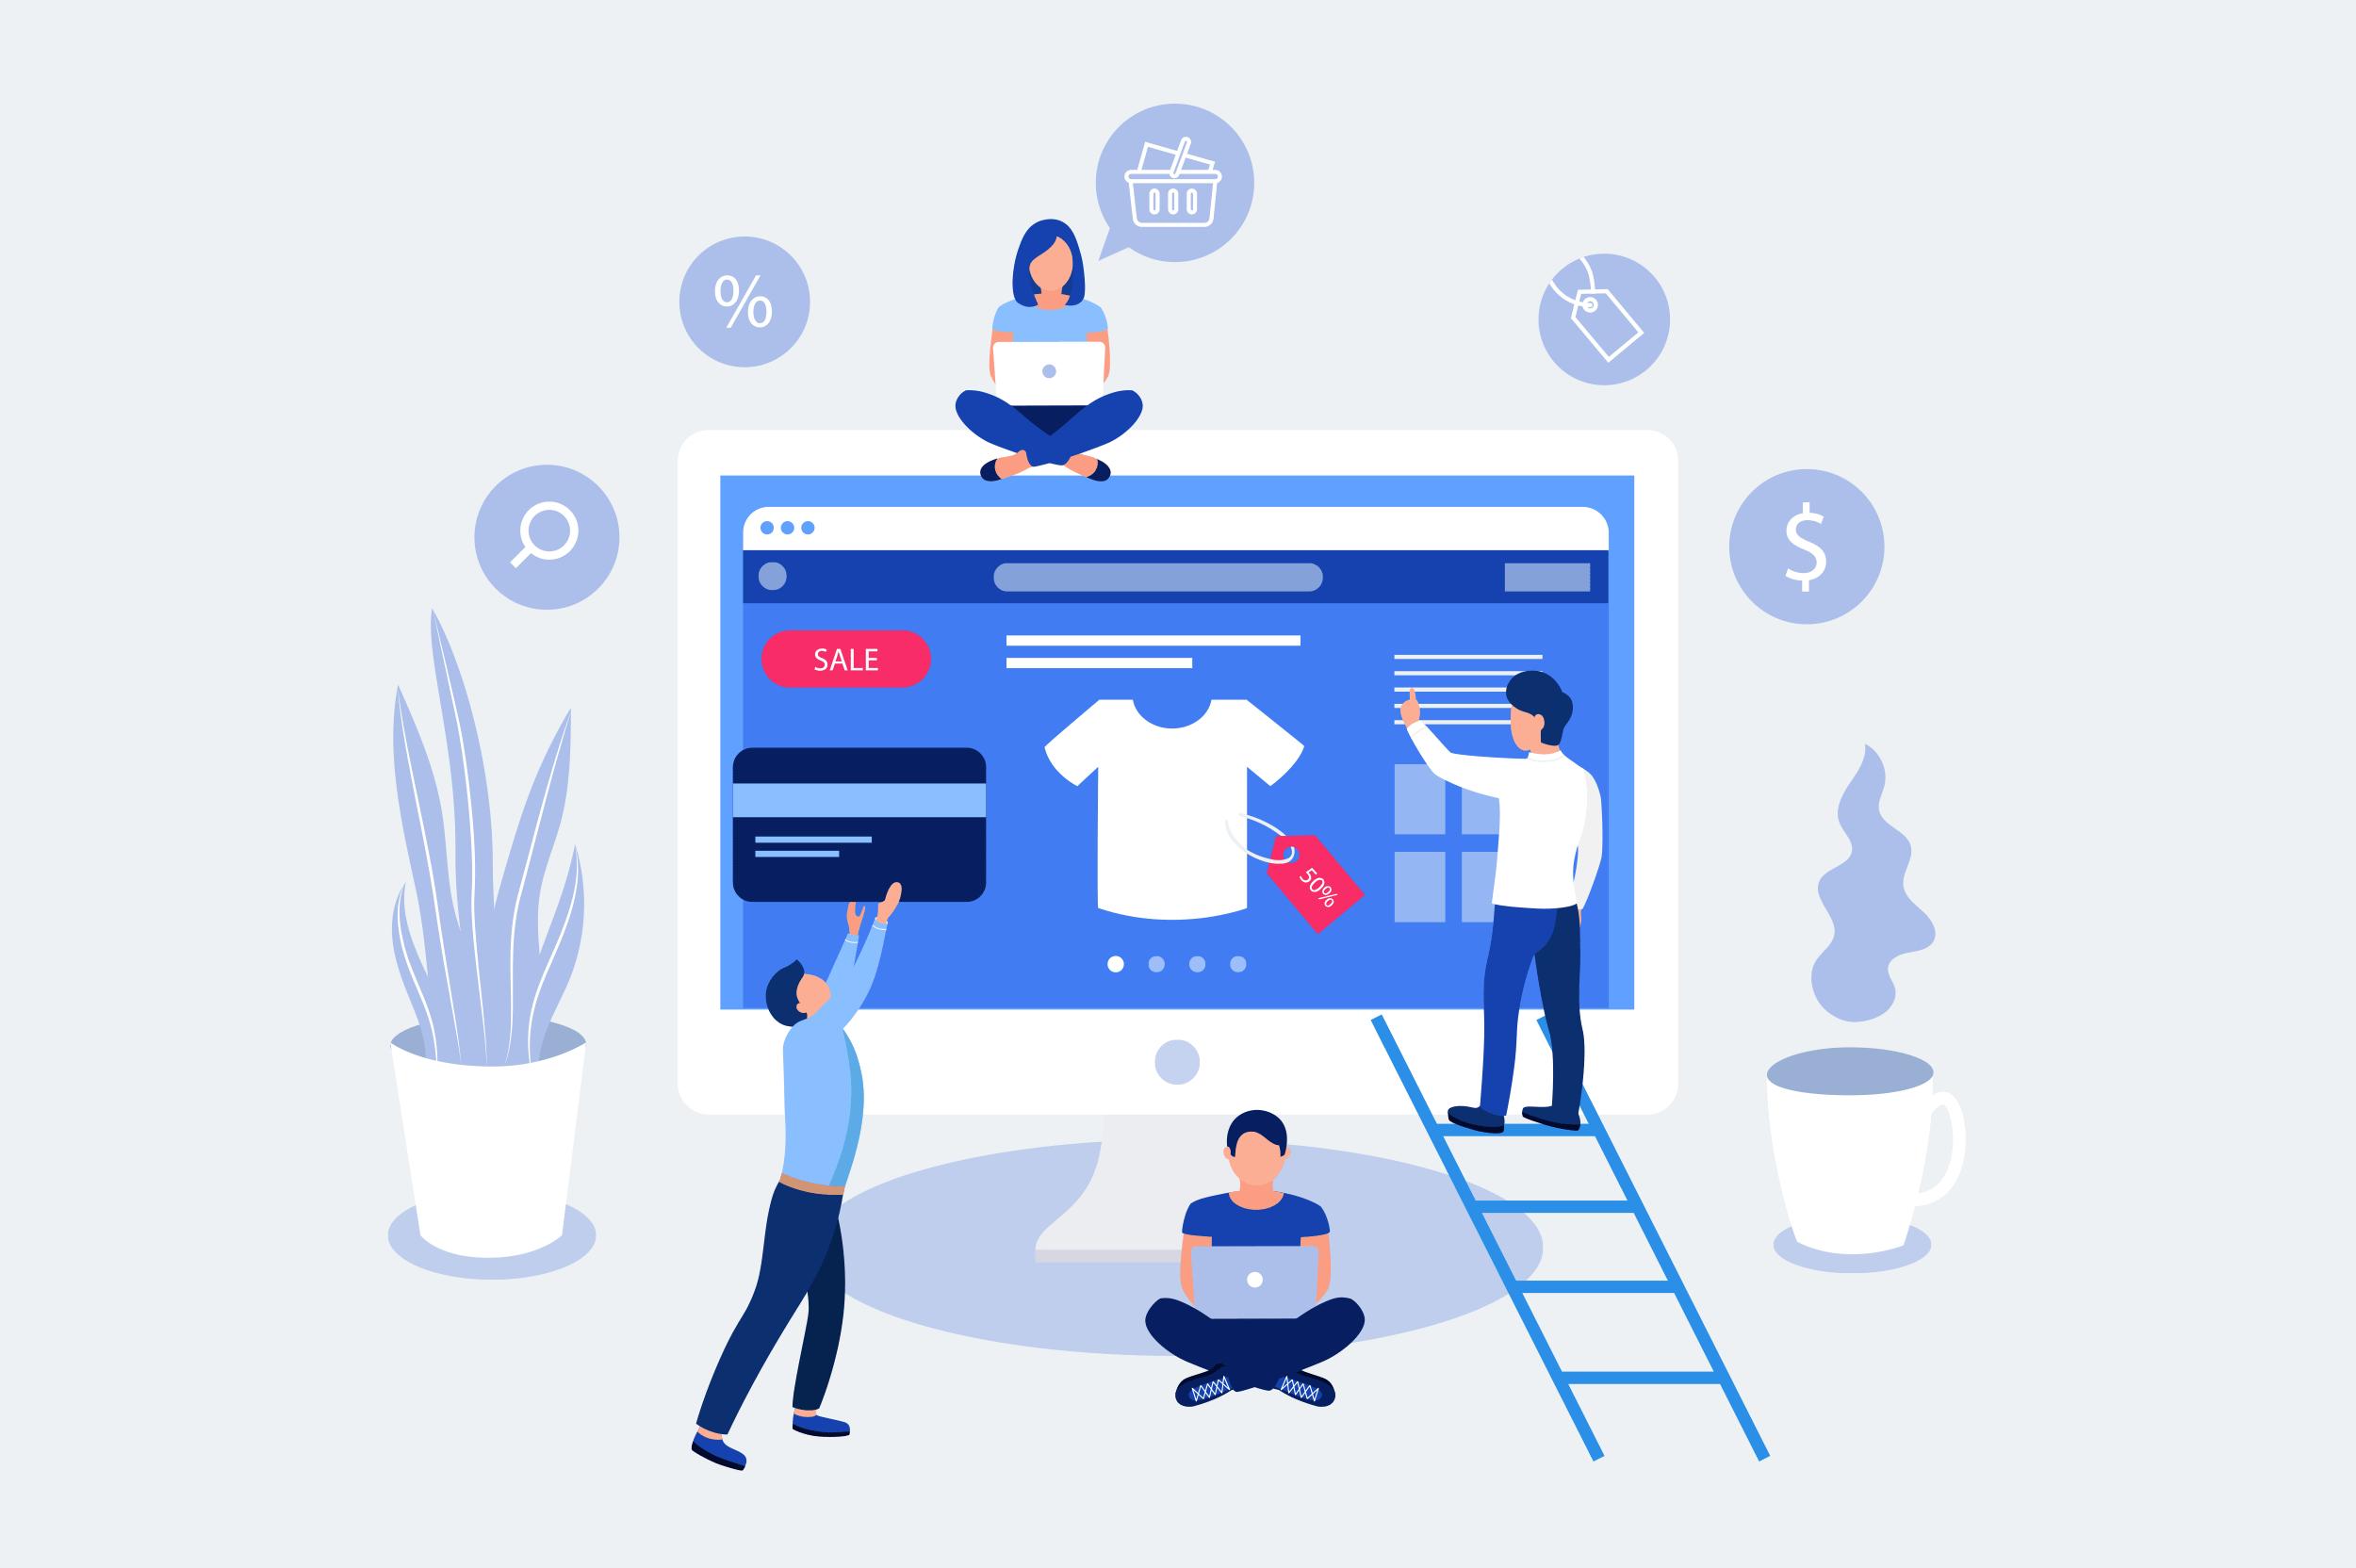 کسب درآمد با طراحی سایت فروشگاهی: ساده، جذاب و مستقل از مکان! | پرگاس